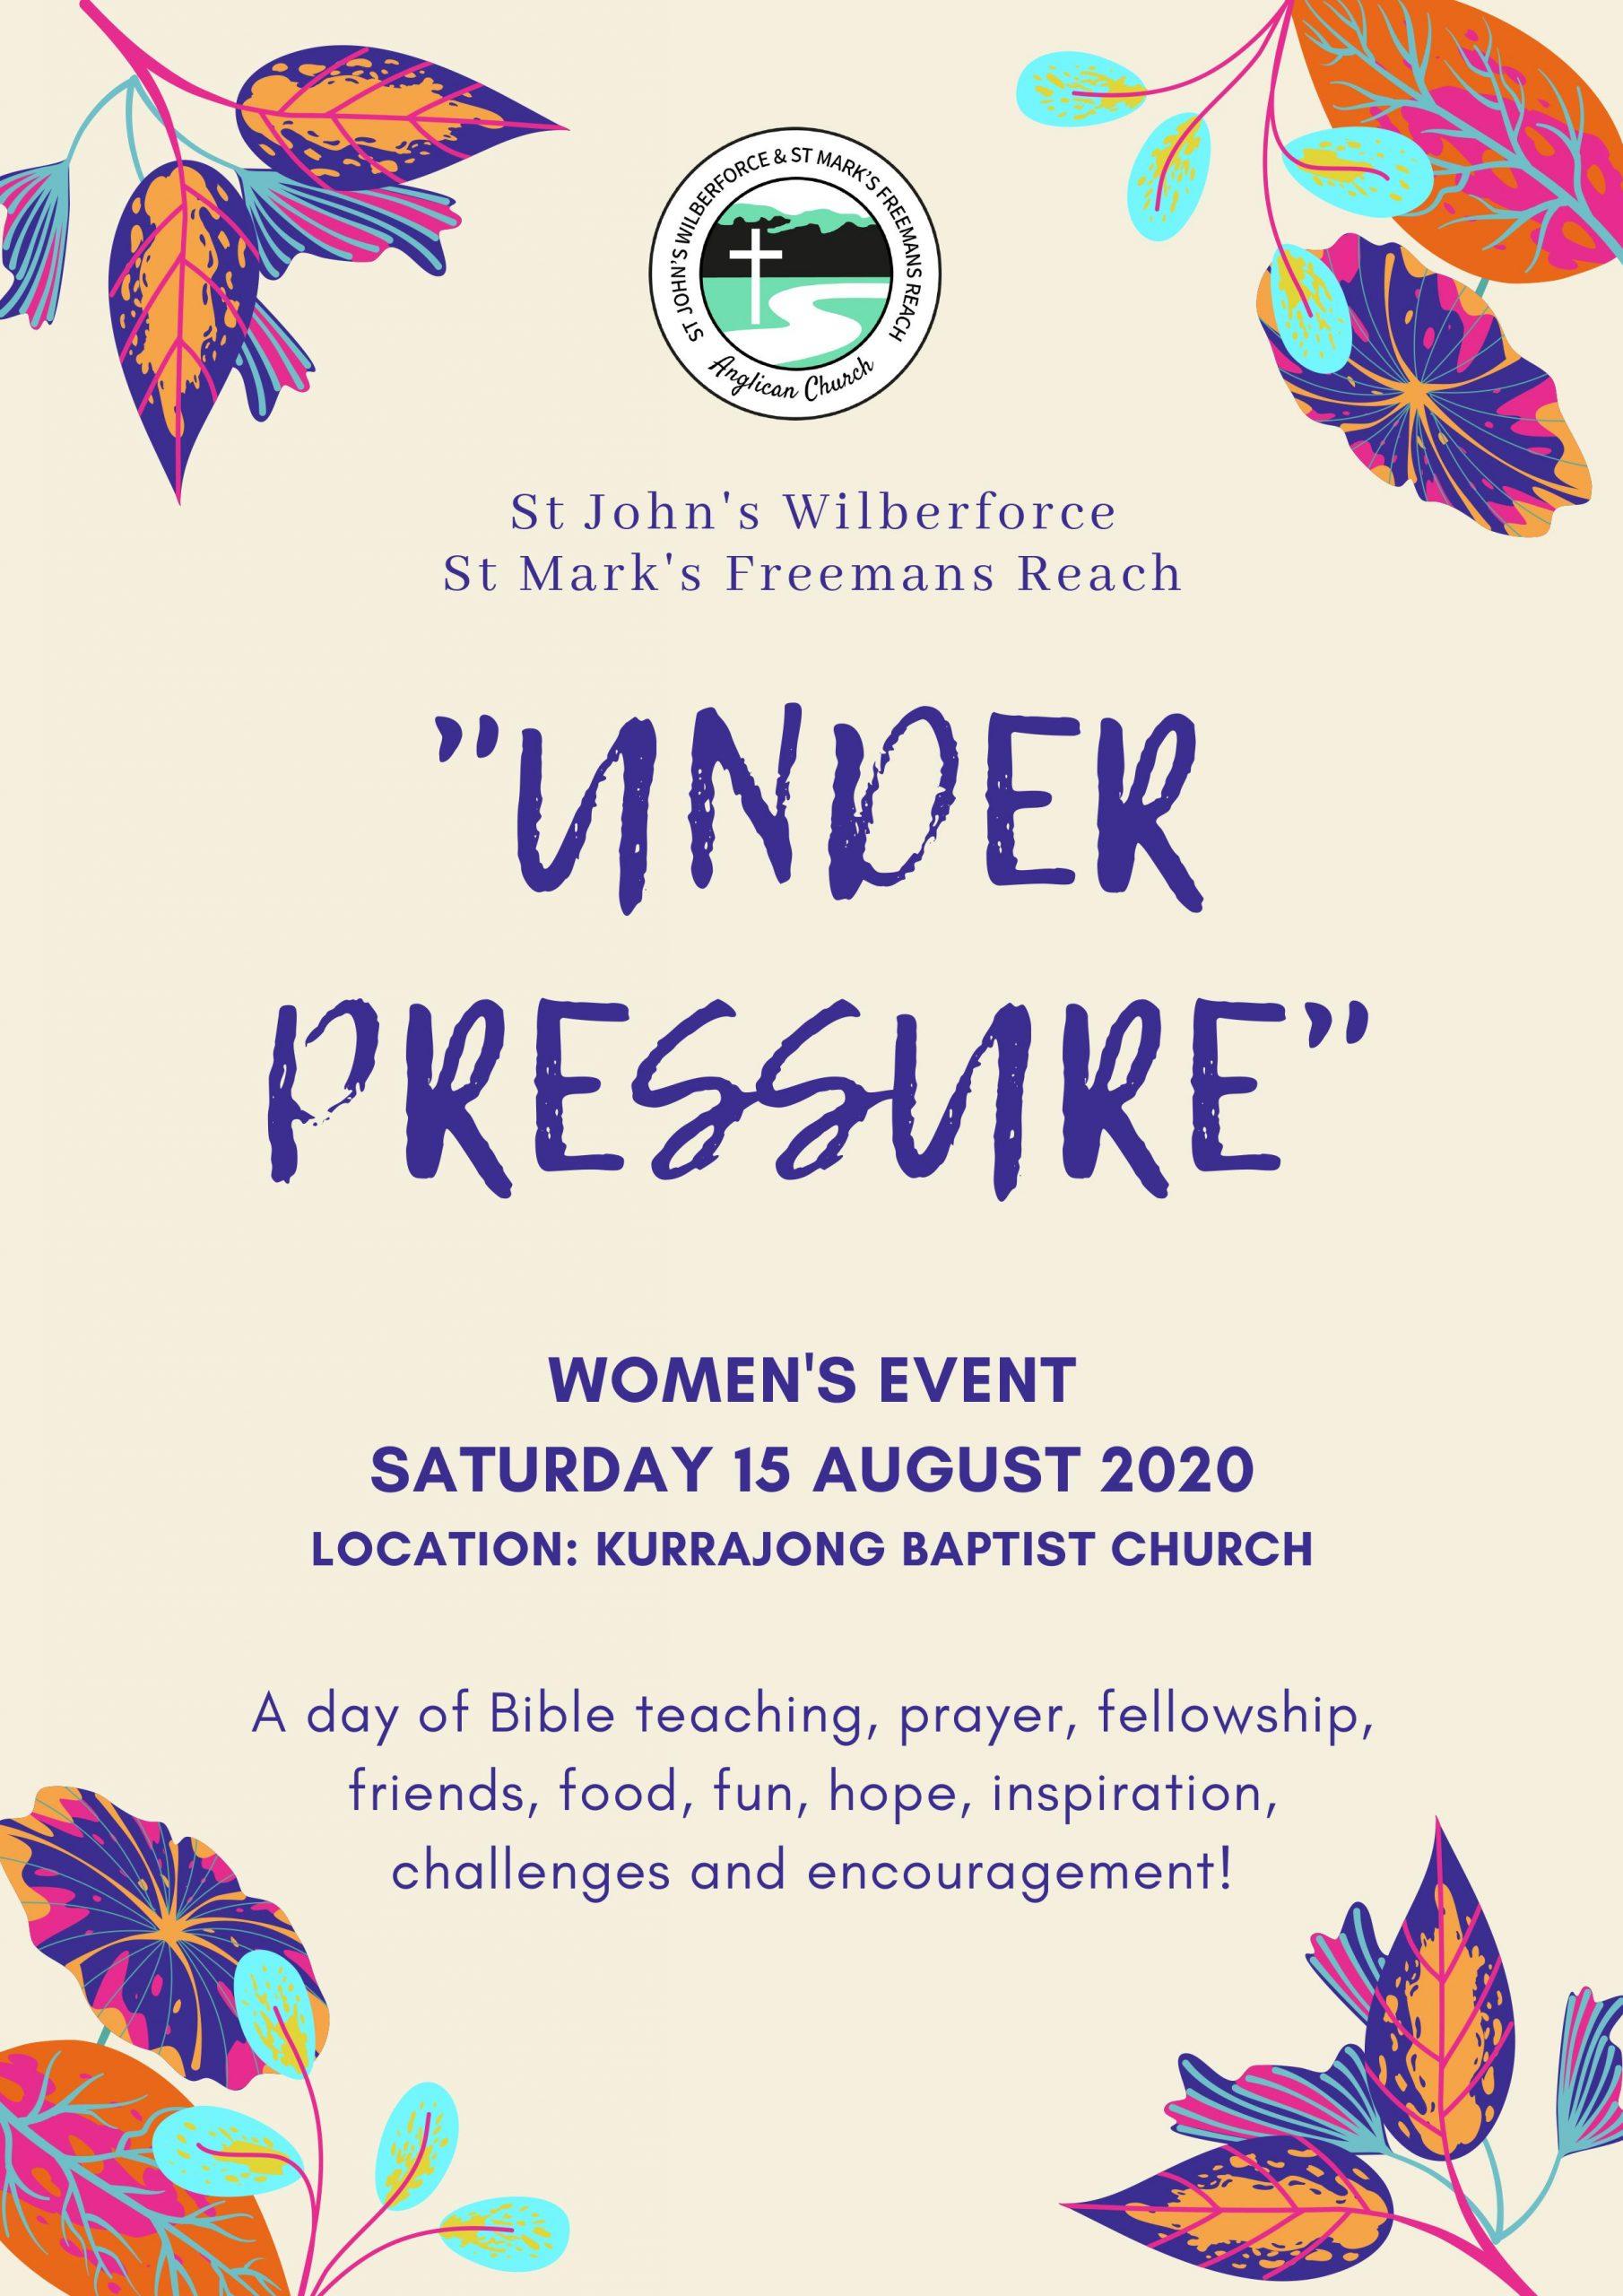 Women's Event - Under Pressure - 15 August 2020